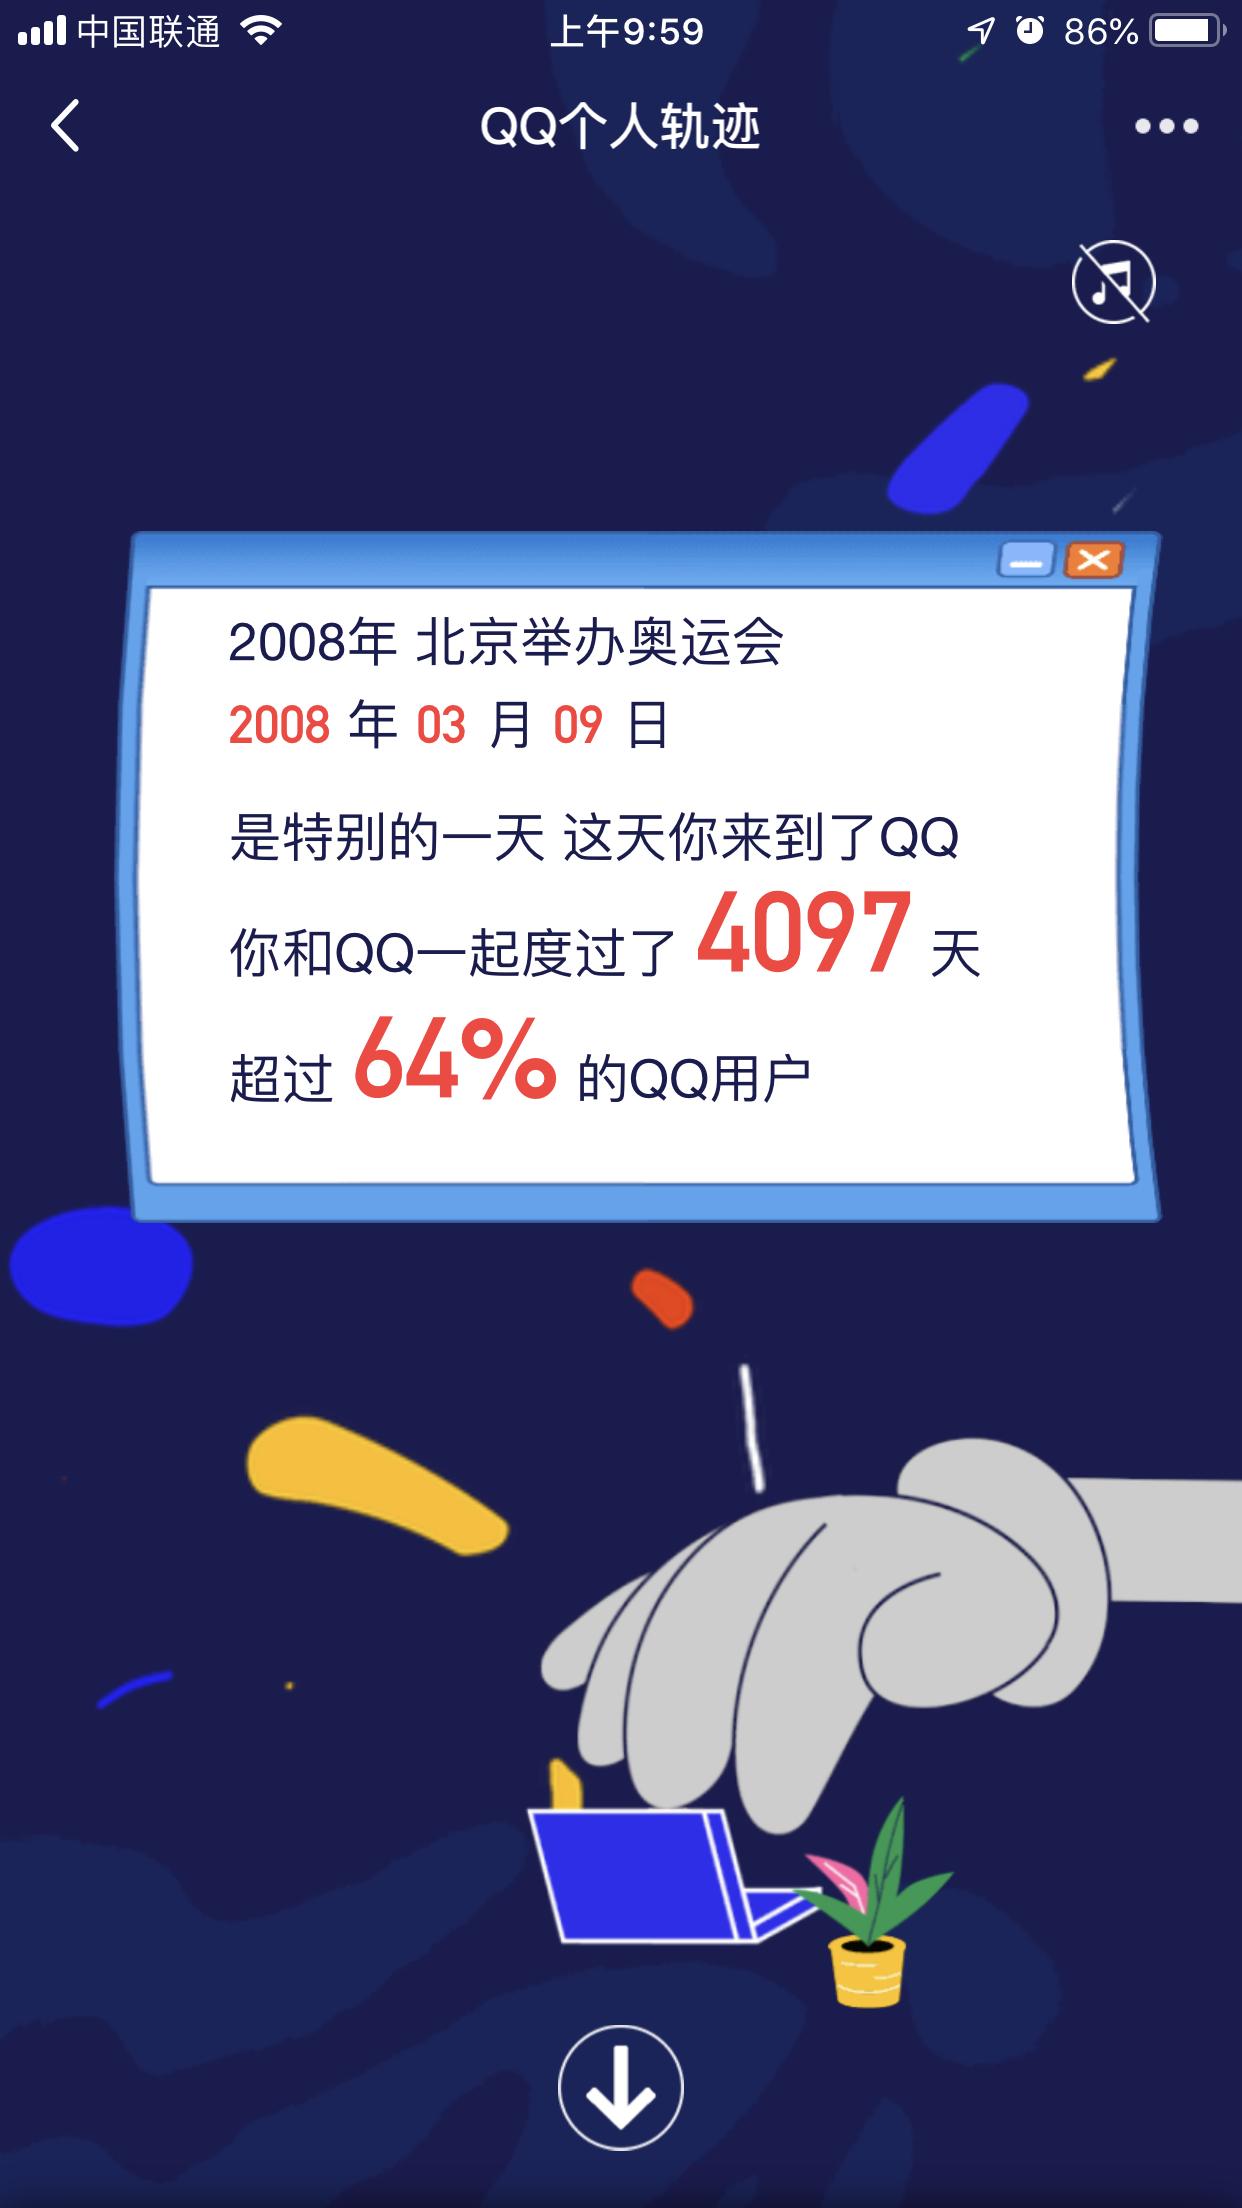 """抢微信的风头?QQ上线""""个人轨迹""""页面,Q龄黑历史一键查询"""